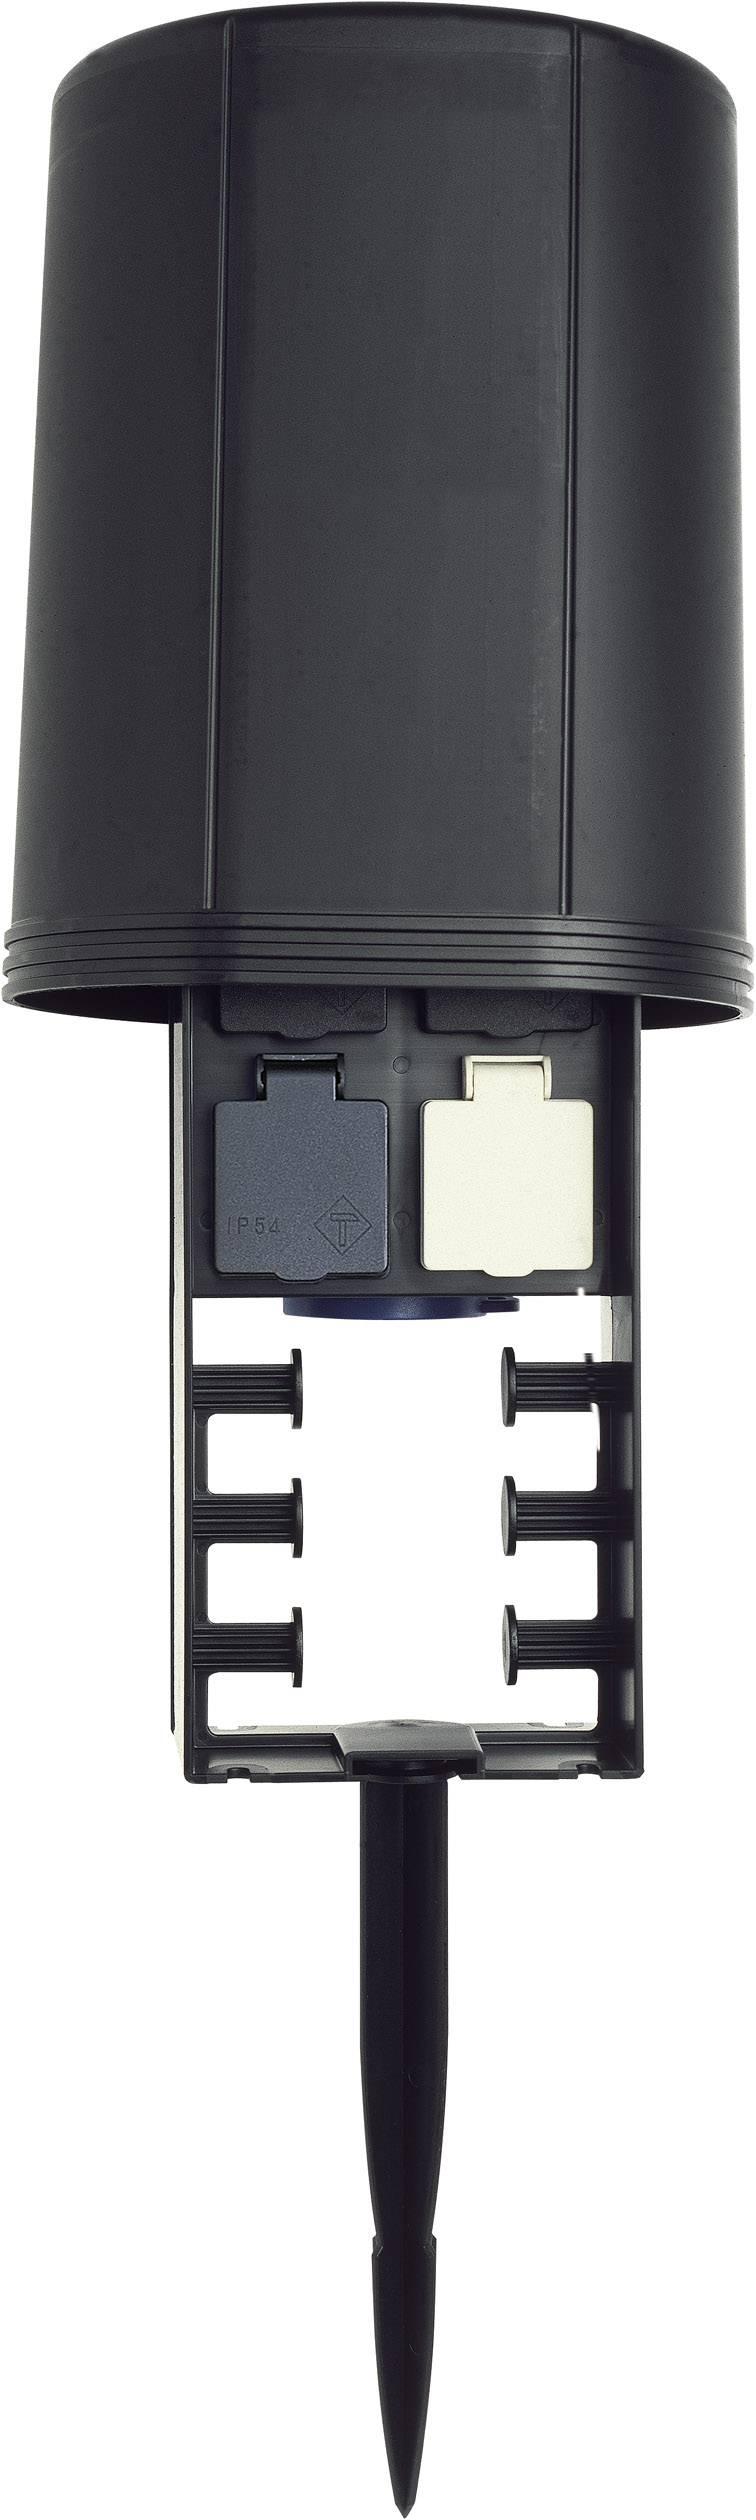 Zahradní rozvaděč s dálkovým ovládáním Oase 36310 FM-Master 2, 4 zásuvky